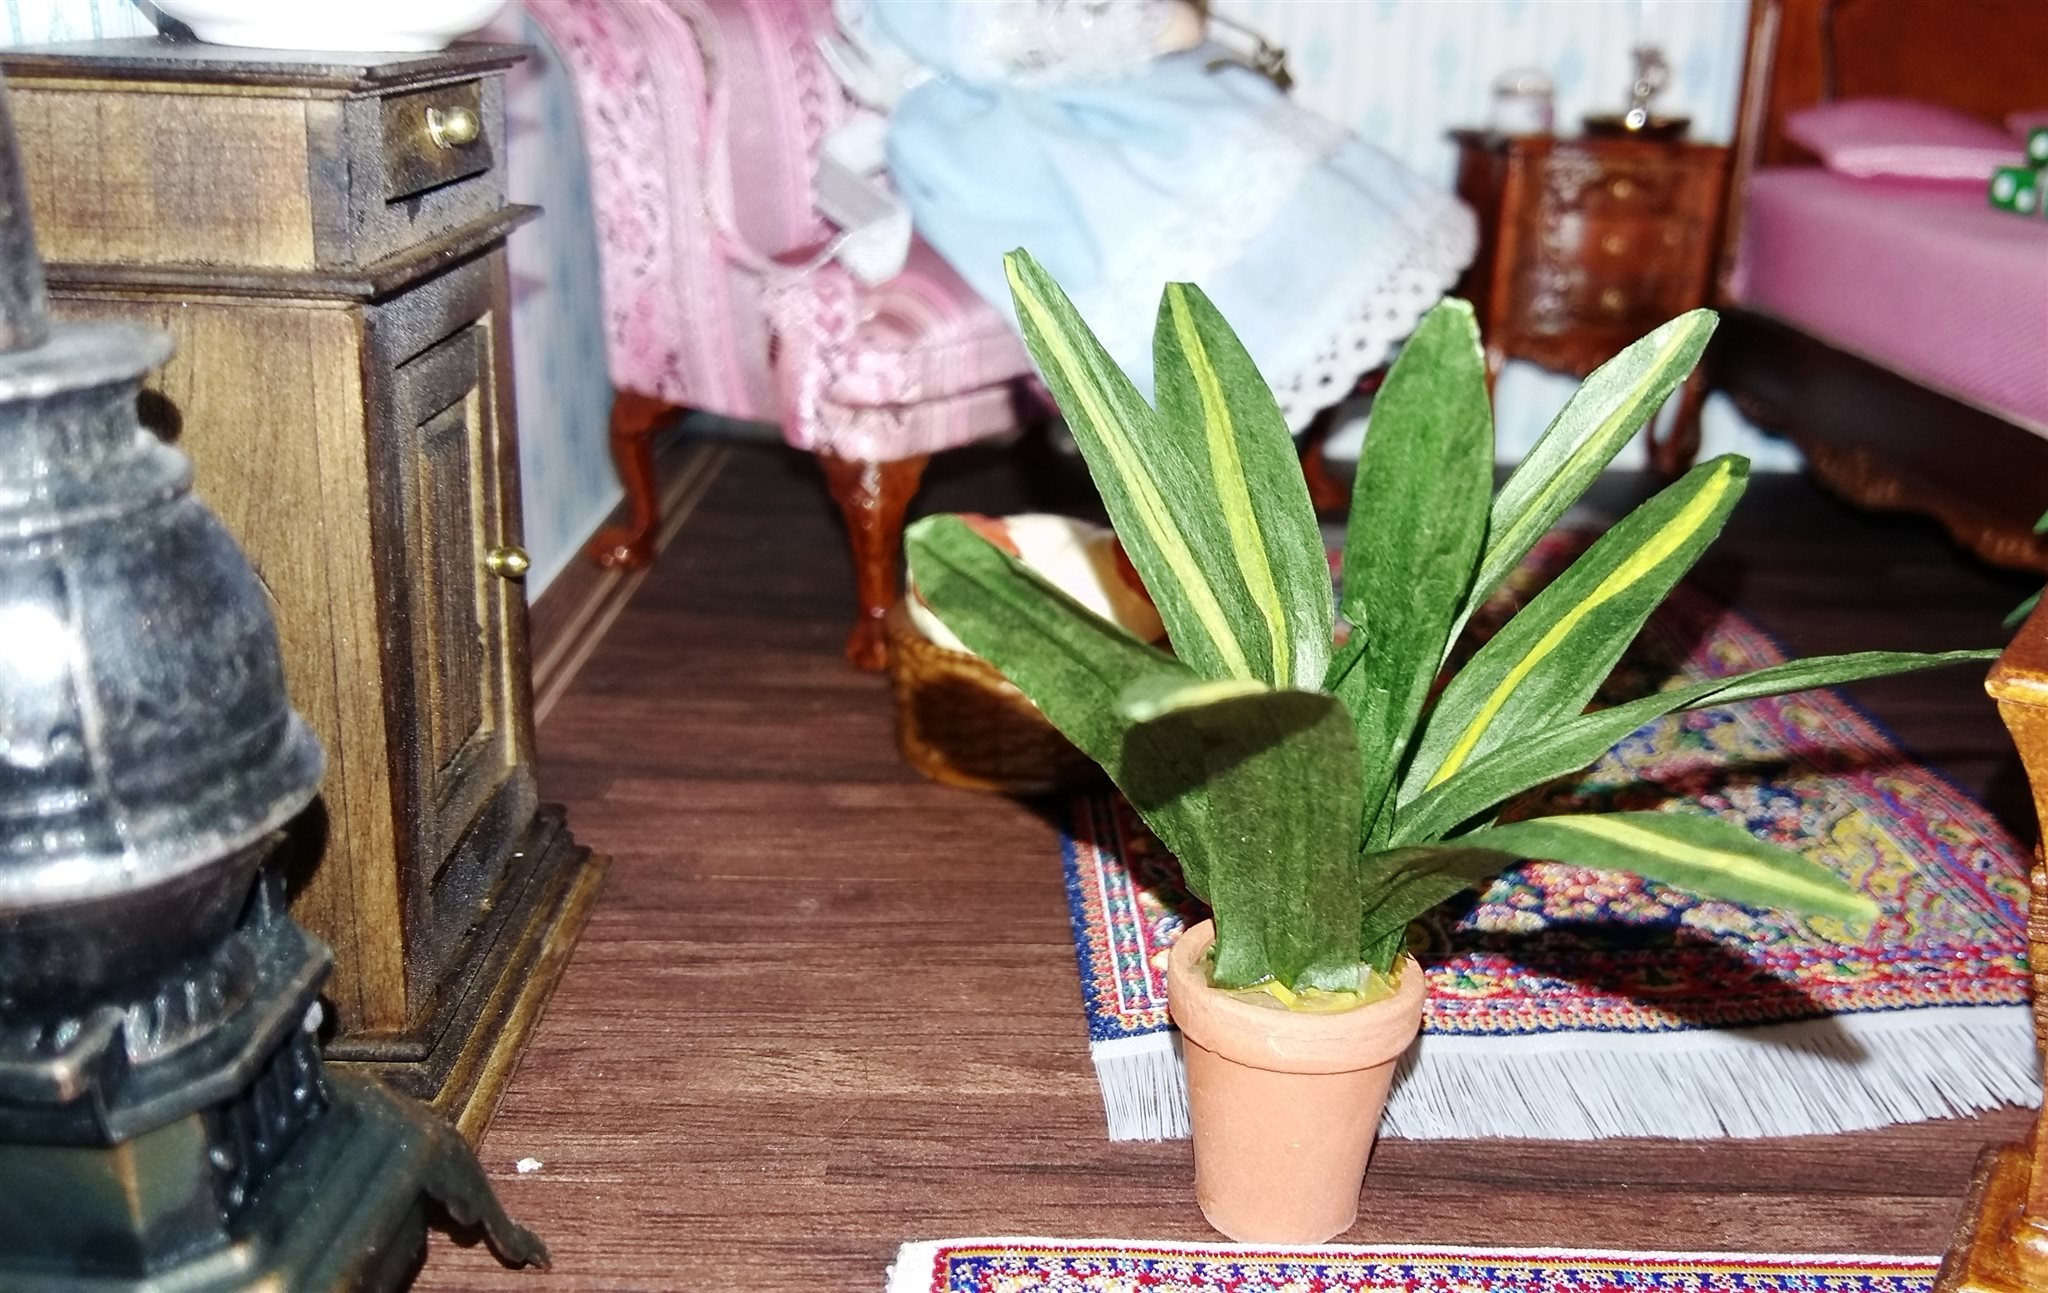 grön växt långa blad